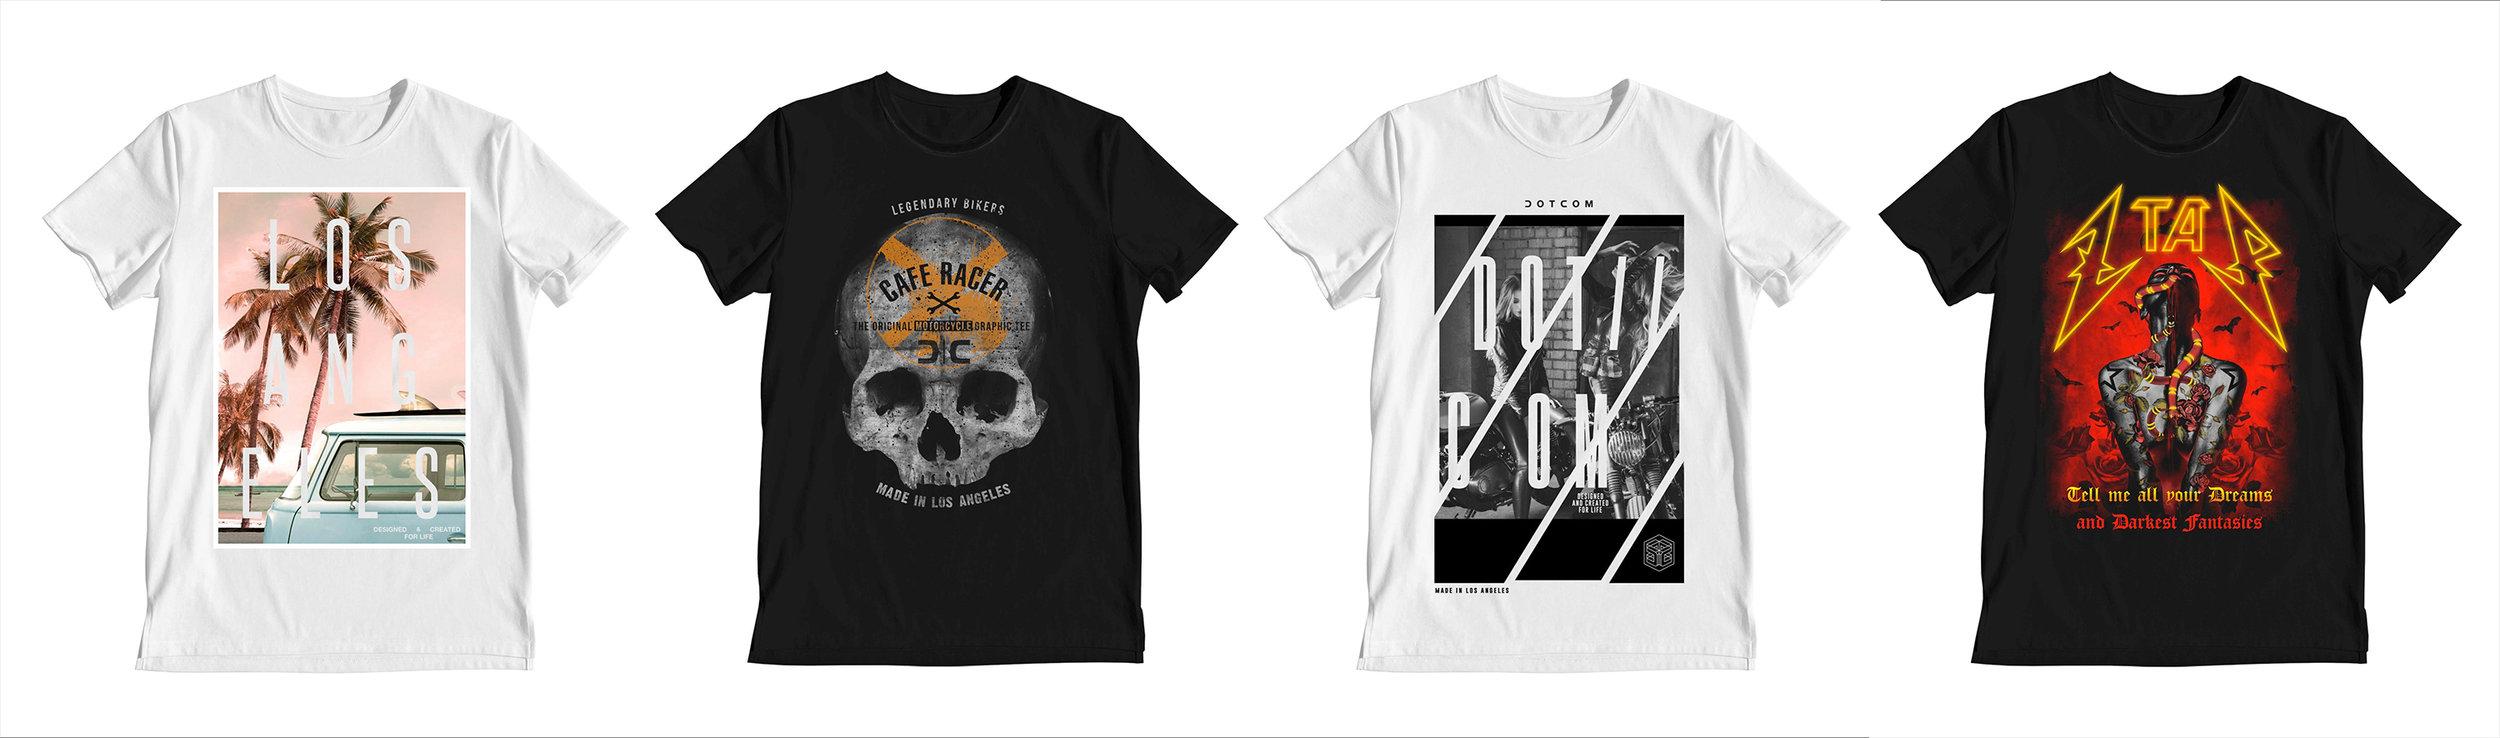 ShirtZ4.jpg